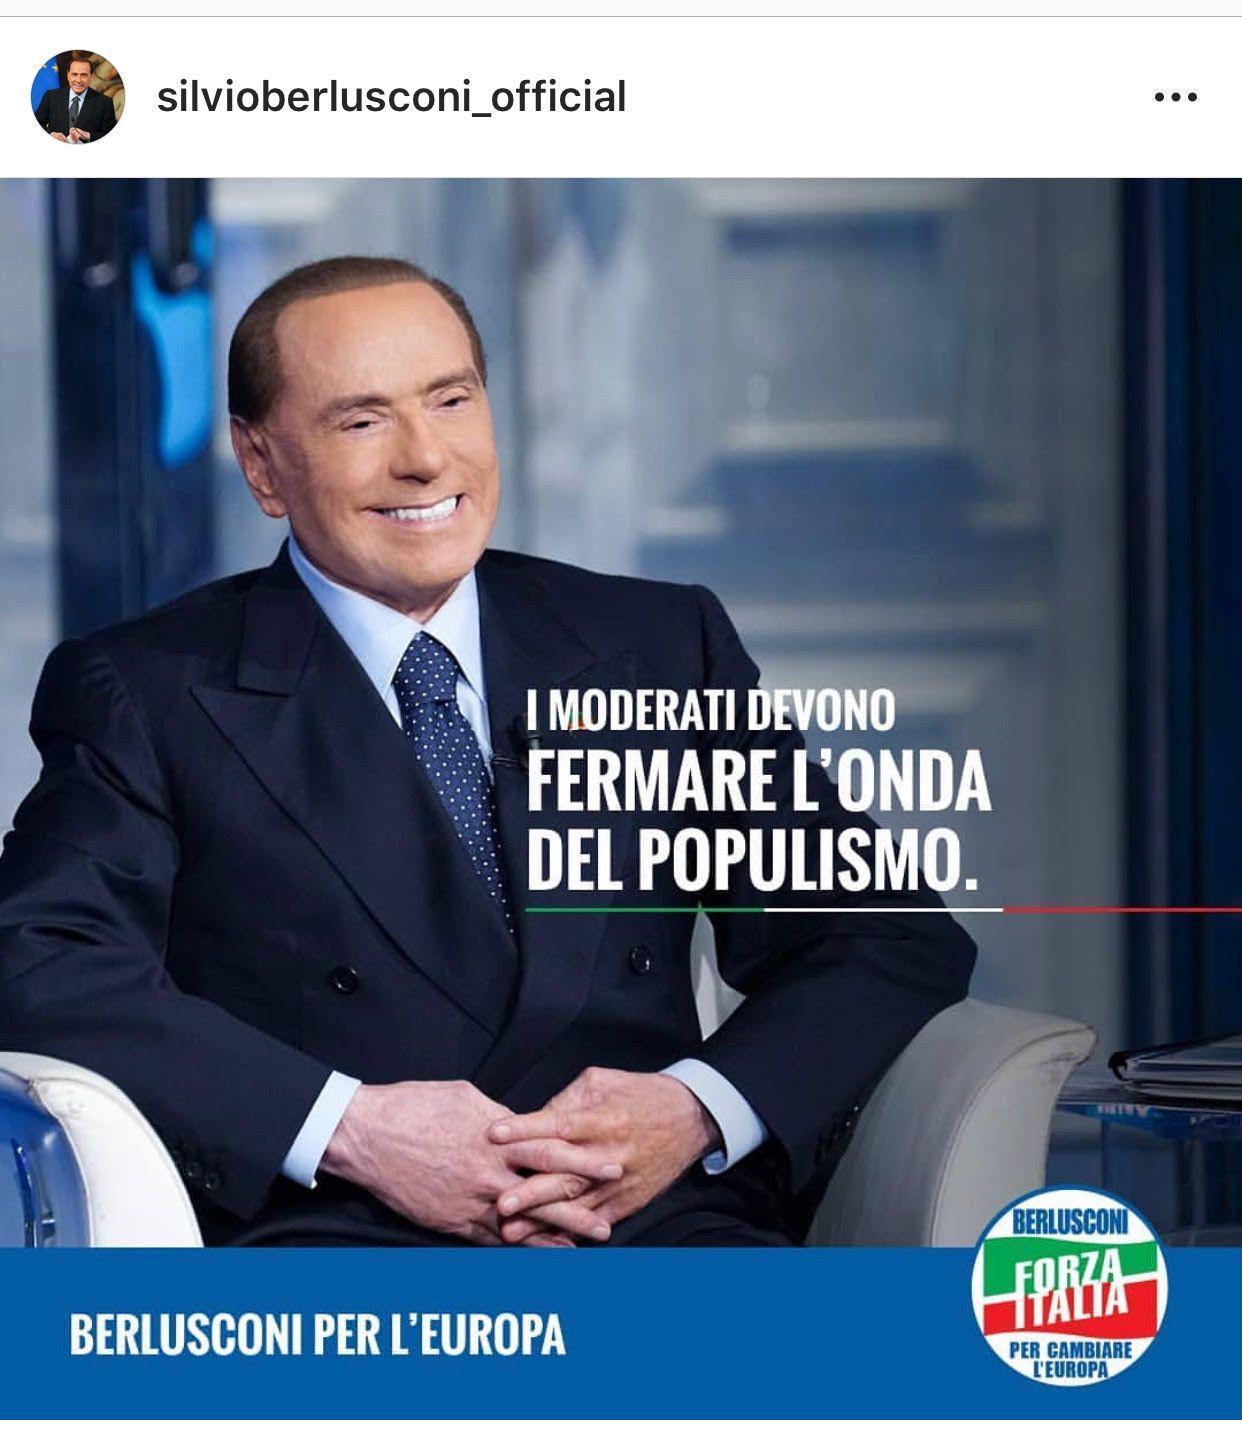 Ifølge Silvio Berlusconis offisielle Instagramkonto er han en moderat politiker som EU-parlamentet trenger for å «stoppe bølgen av populisme» .